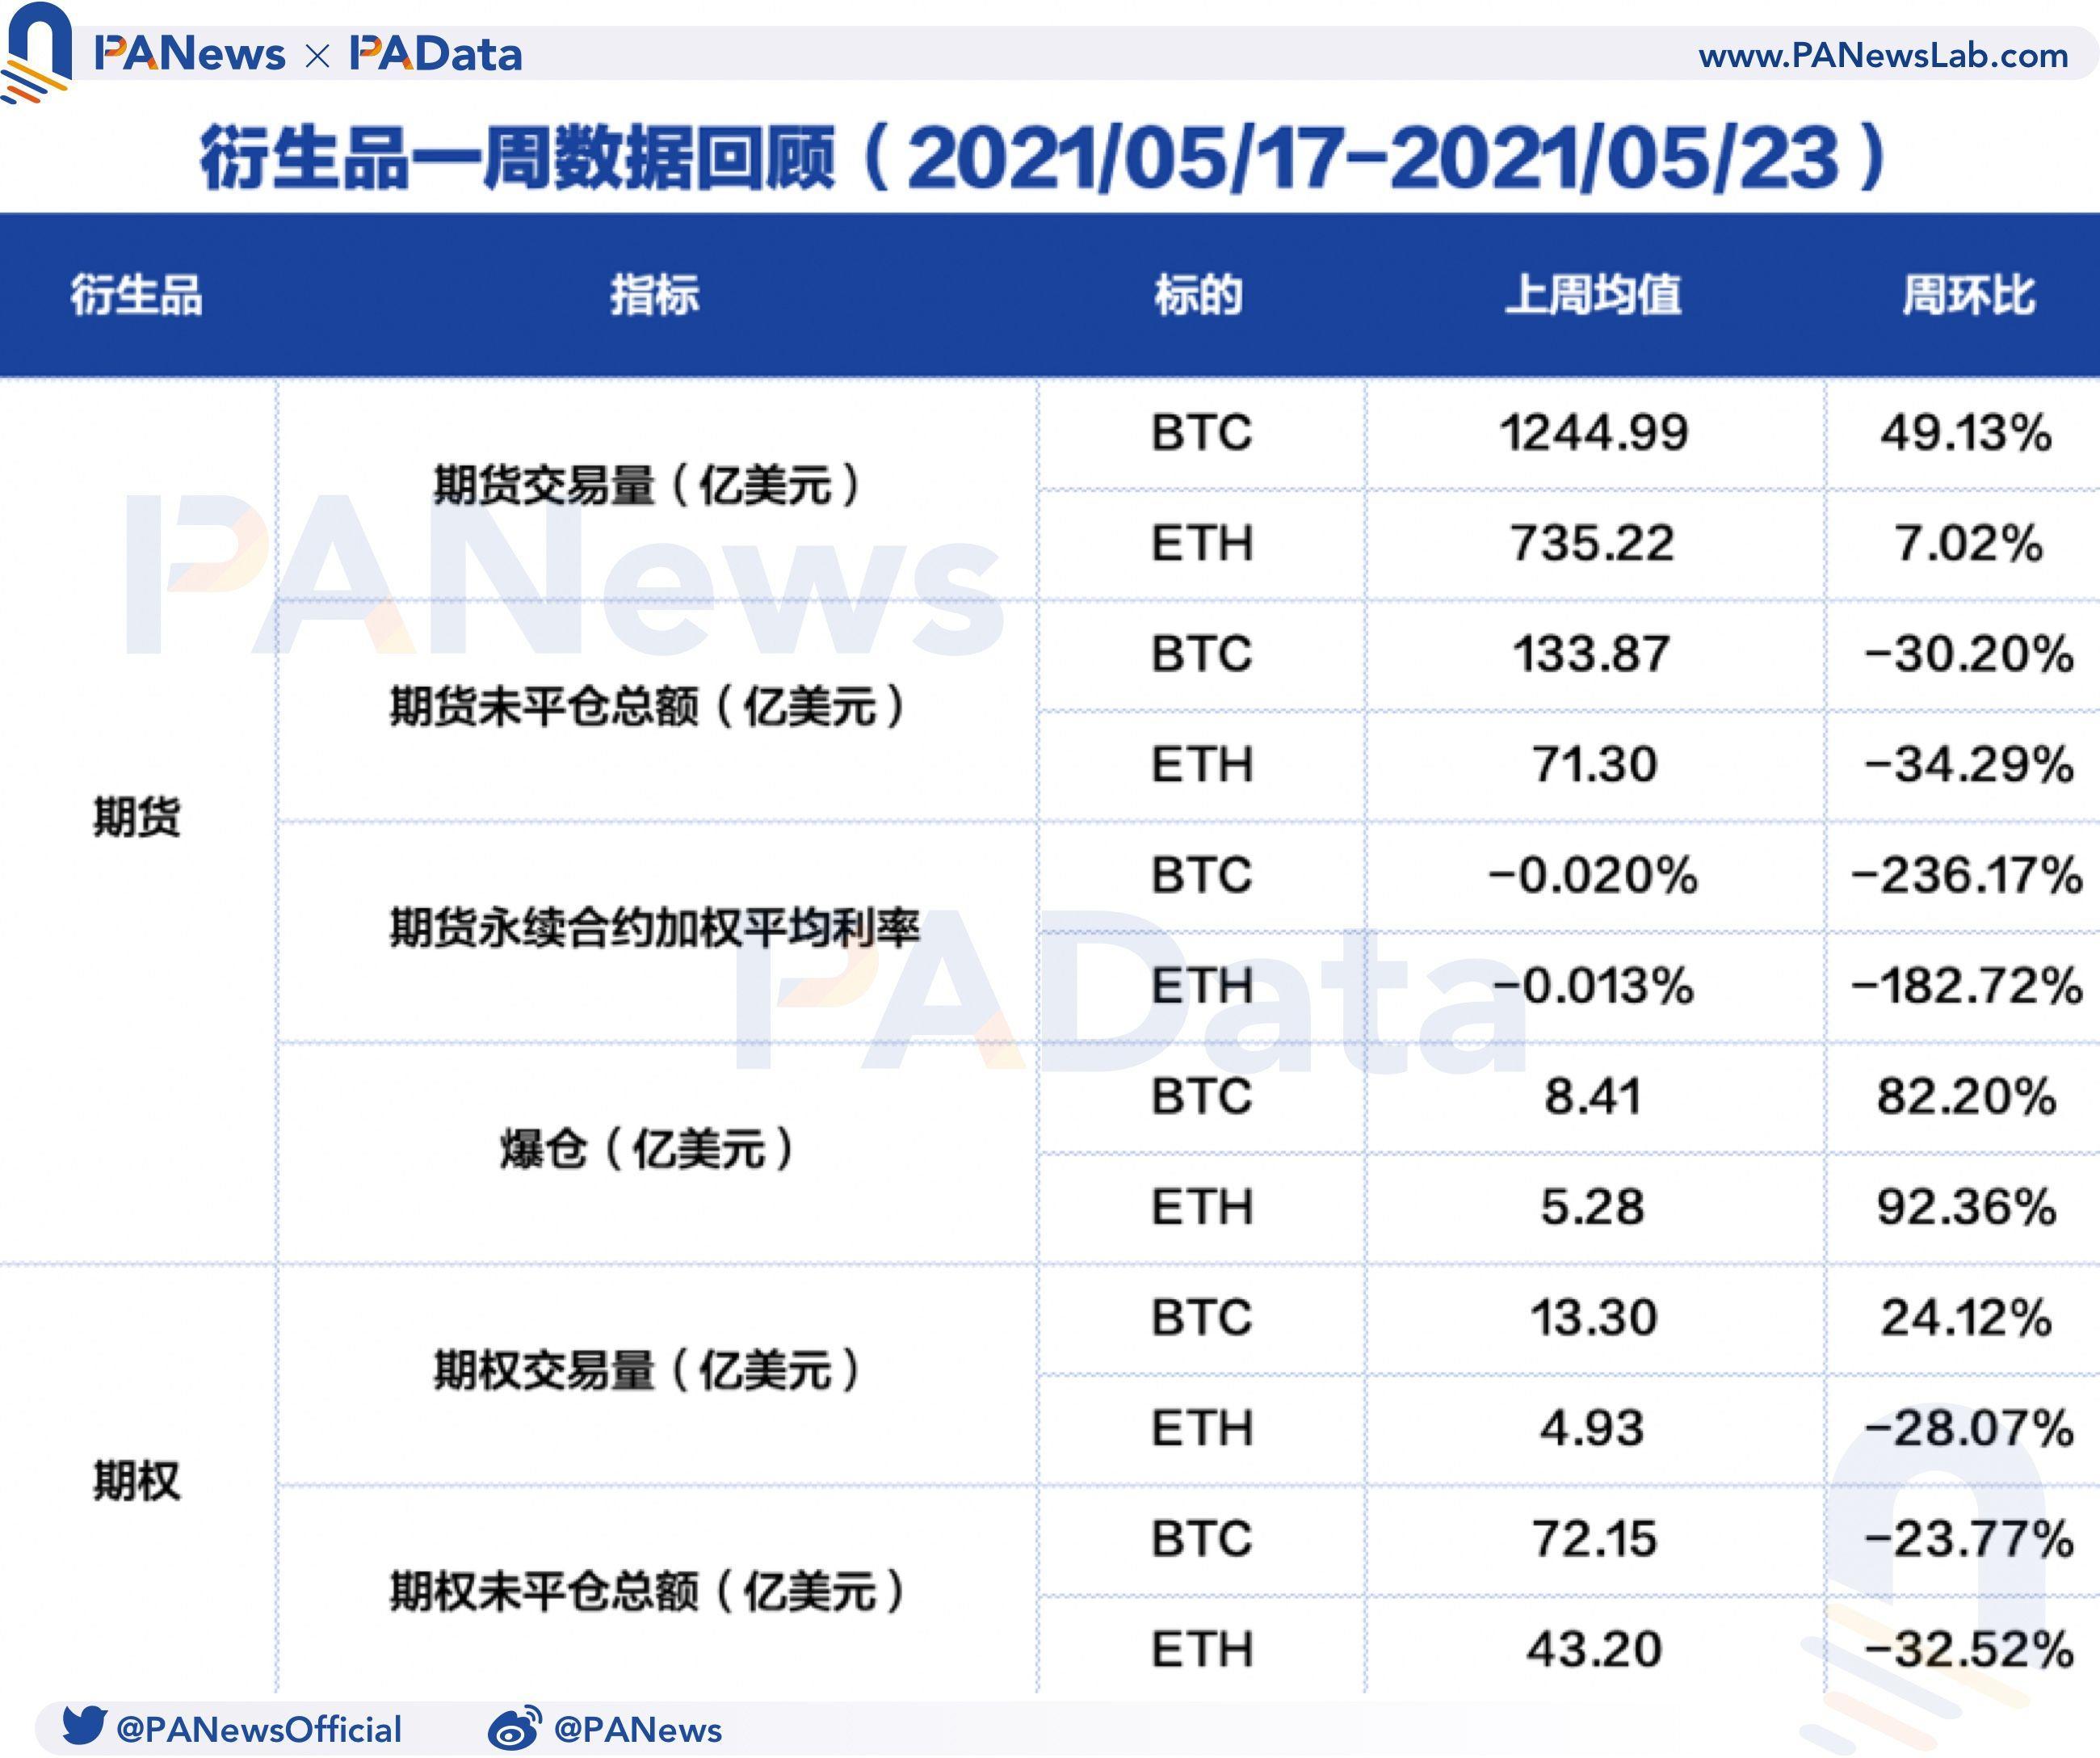 衍生品一周点评:BTC和eth期货破发超八成,做空动力增强